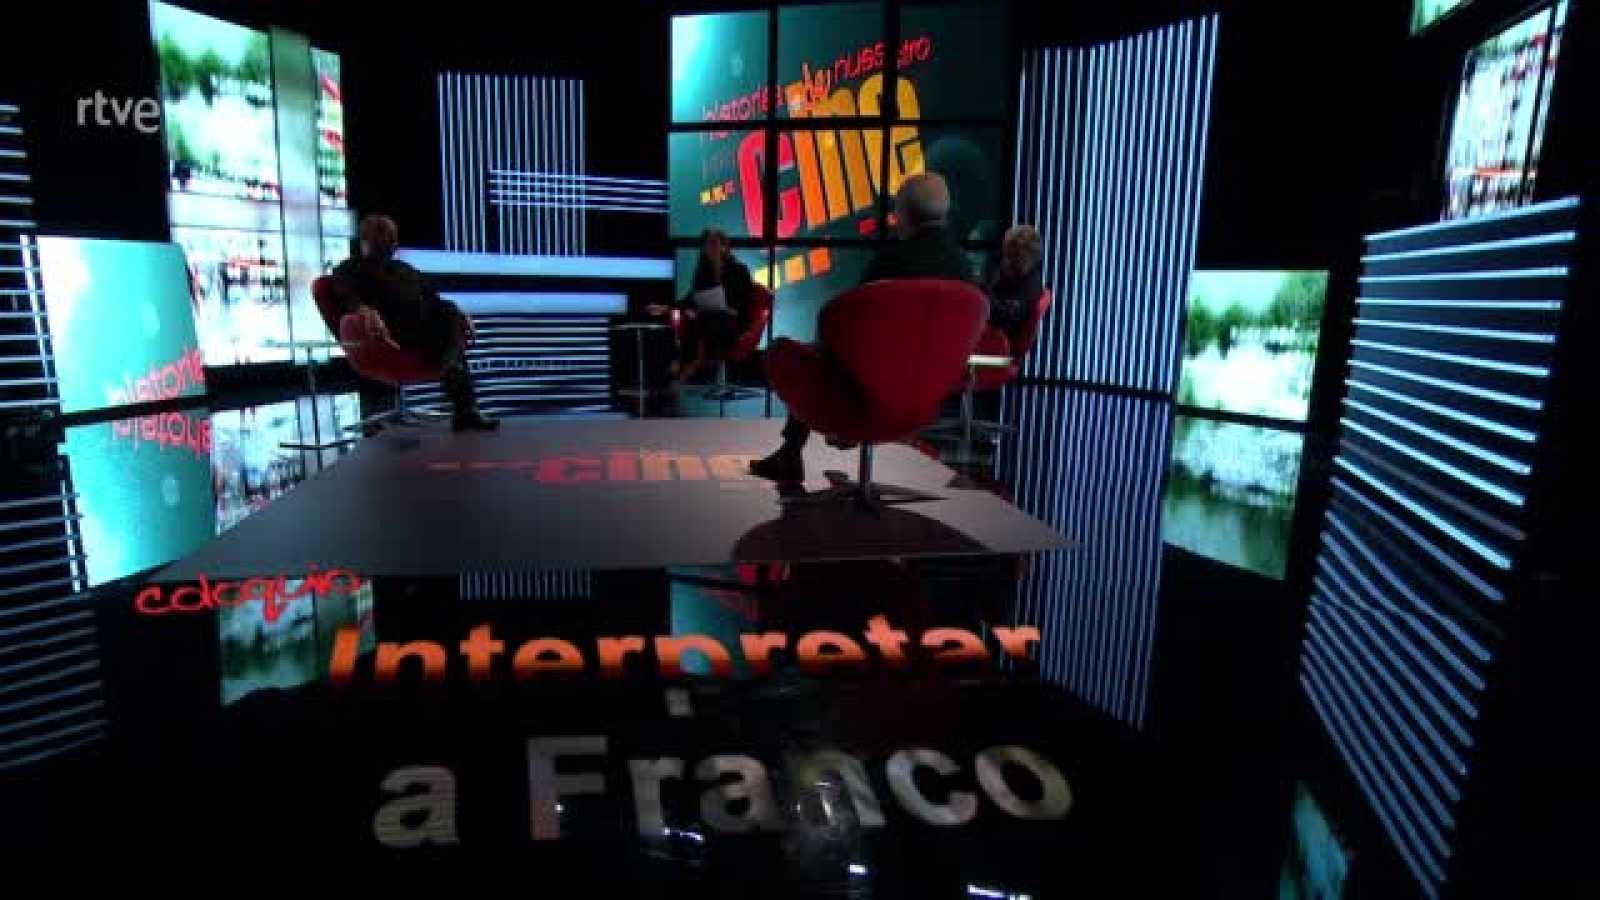 Historia de nuestro cine - Coloquio: Interpretando a Franco (45 años del 20-N) - Ver ahora